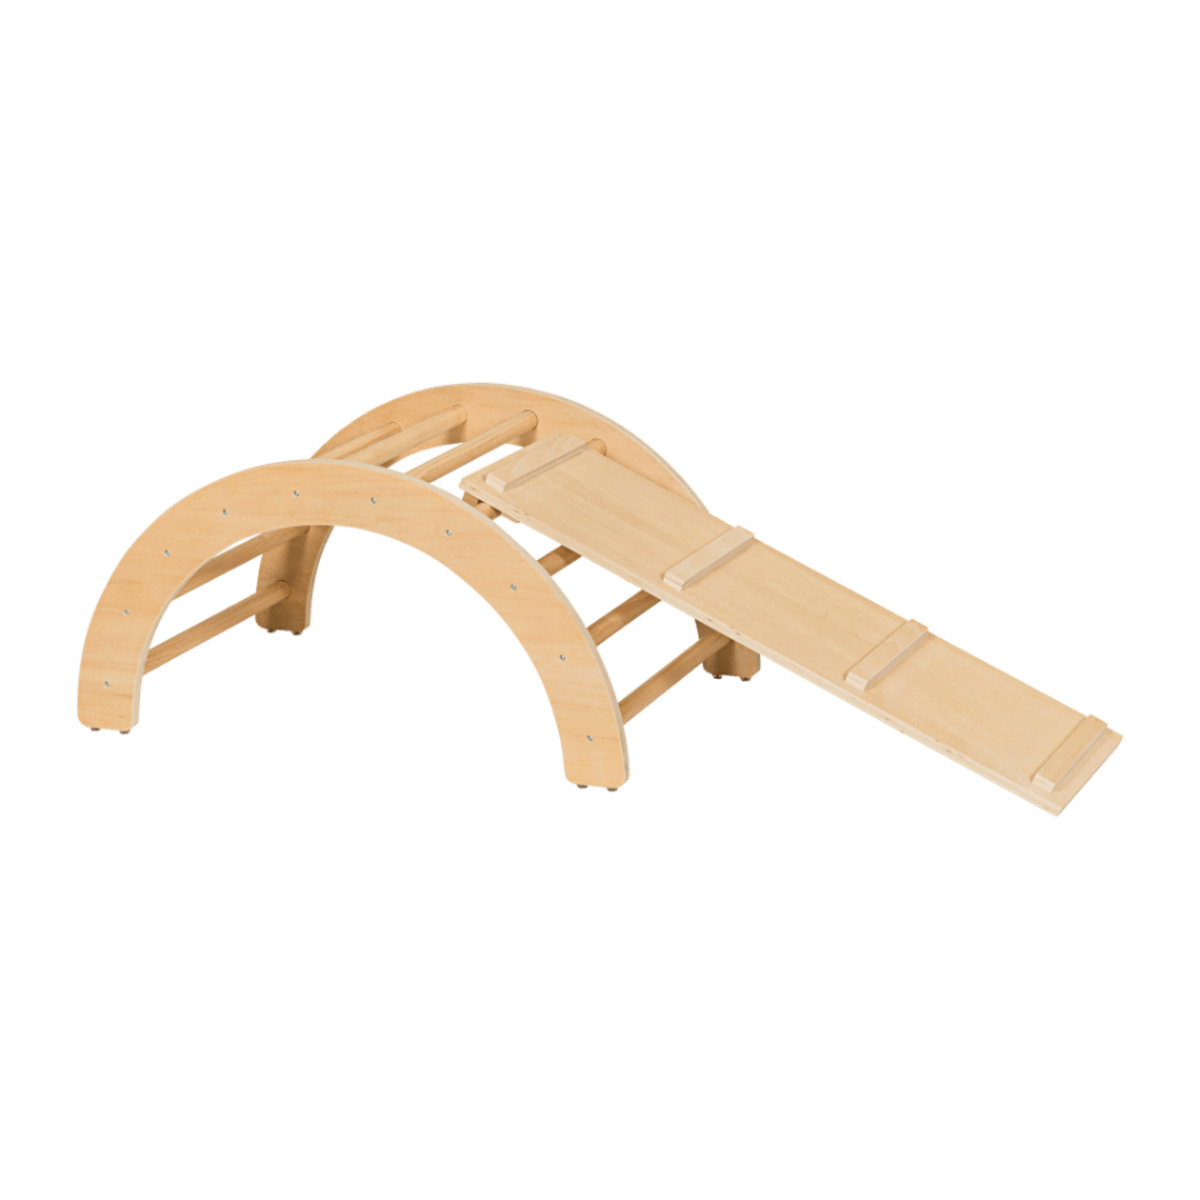 Bild 1 von PLAYLAND     Holz-Klettergerät